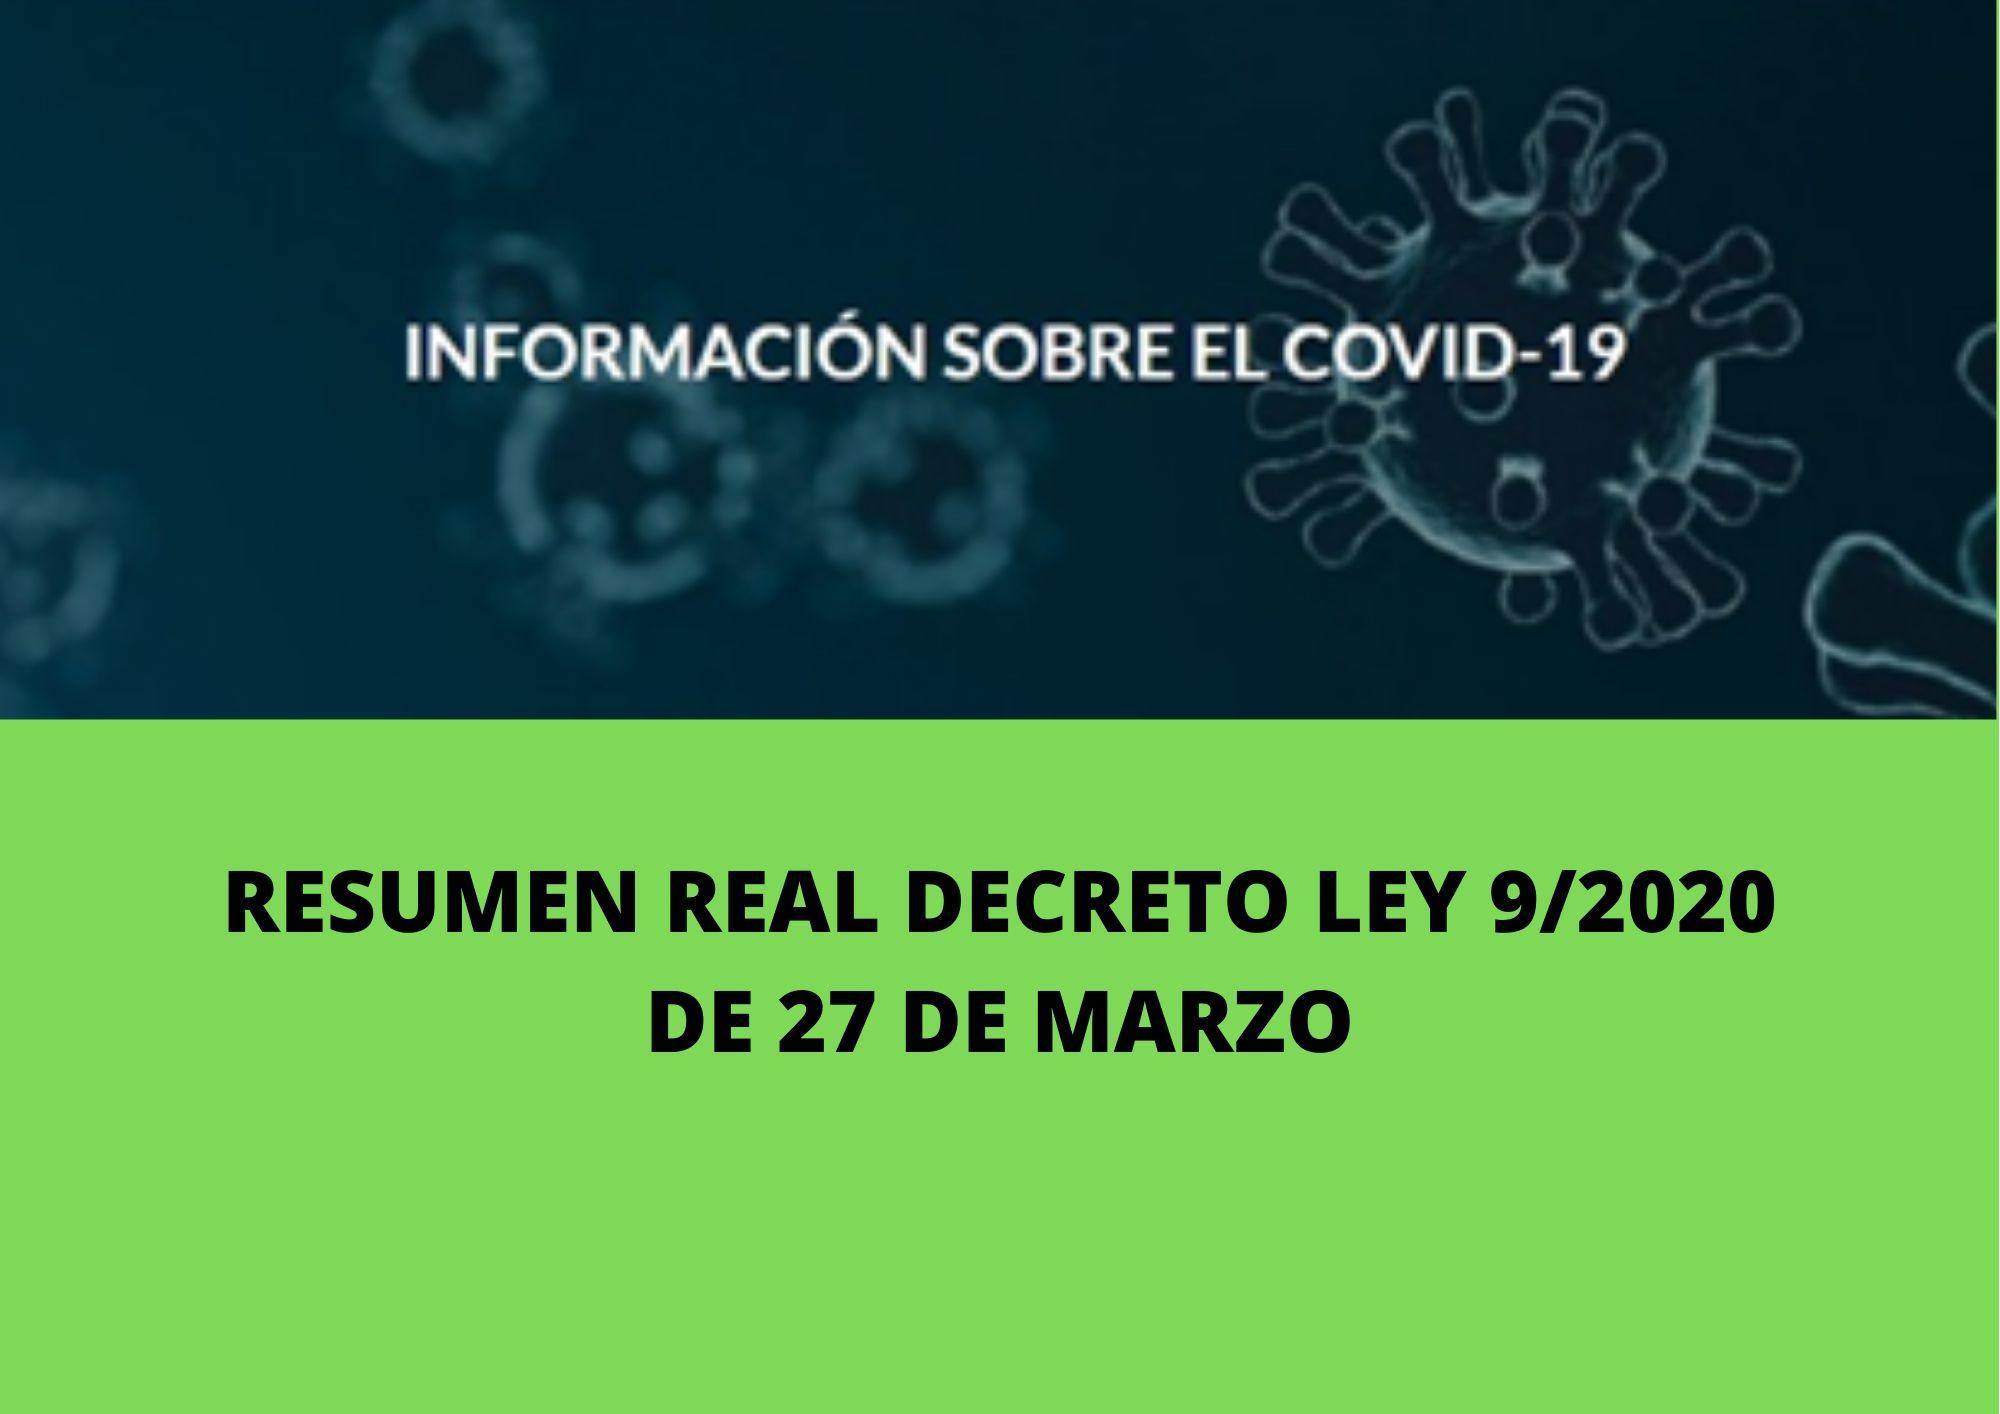 REAL DECRETO-LEY 9/2020, DE 27 DE MARZO, POR EL QUE SE ADOPTAN MEDIDAS COMPLEMENTARIAS, EN EL ÁMBITO LABORAL, PARA PALIAR LOS EFECTOS DERIVADOS DEL COVID-19